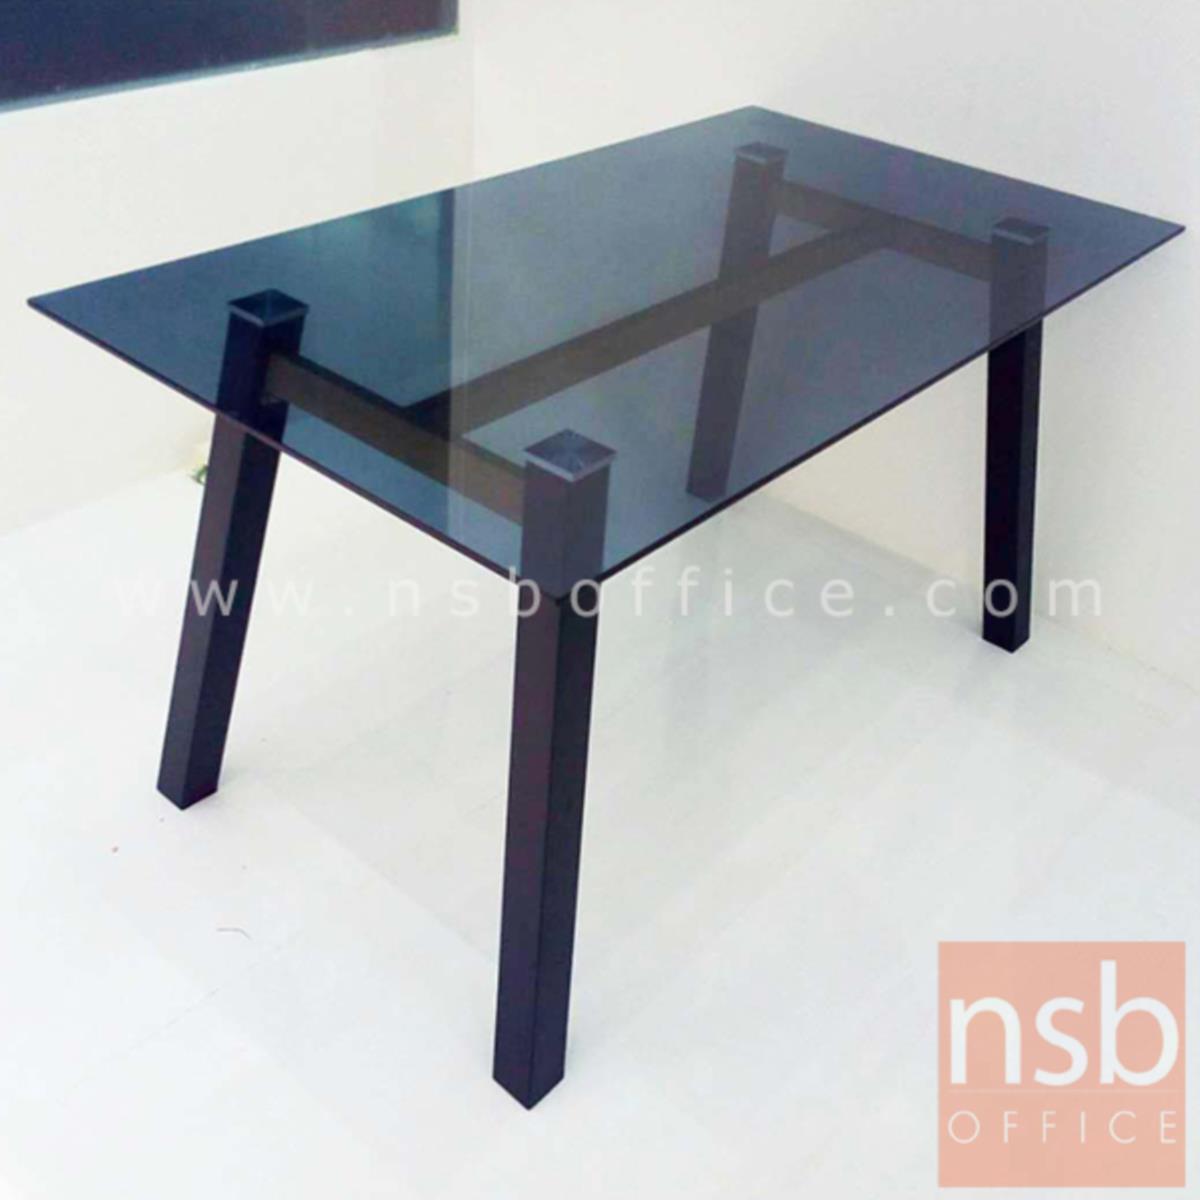 โต๊ะเหลี่ยมหน้ากระจก รุ่น Aquarius (อควาเรียส) ขนาด 140W cm. ขาเหล็กพ่นดำ